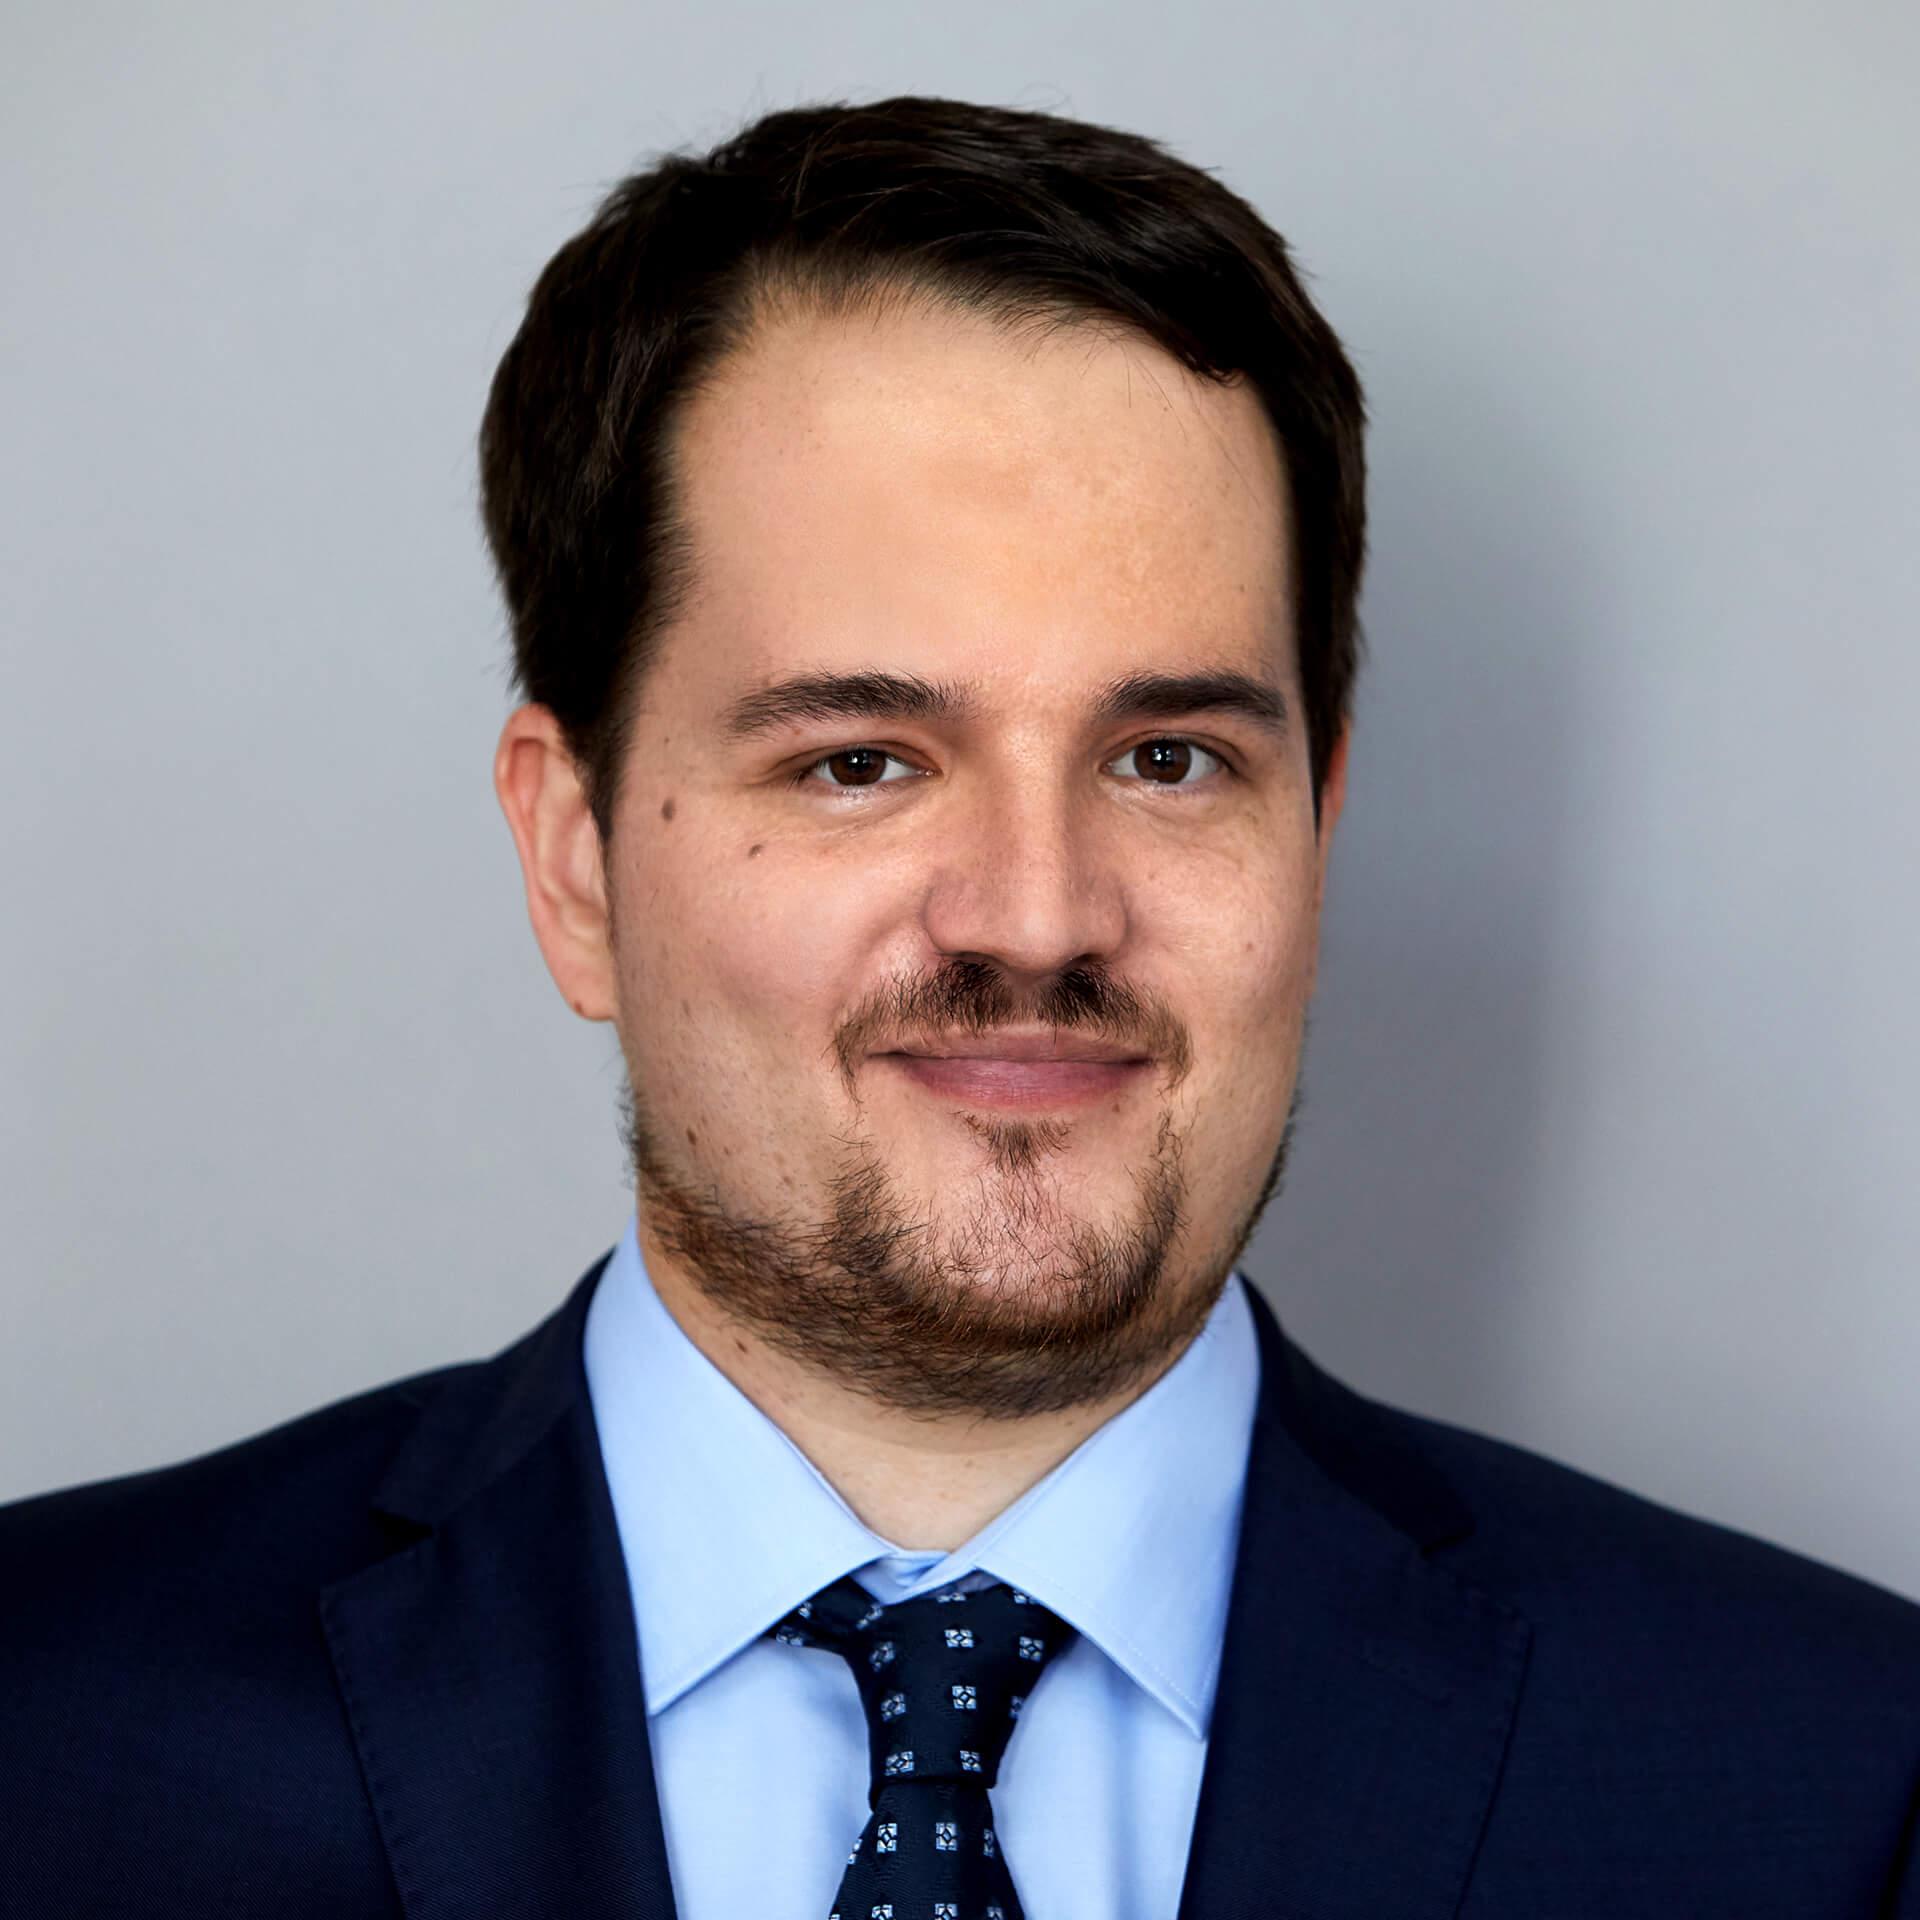 Alexander Jünemann